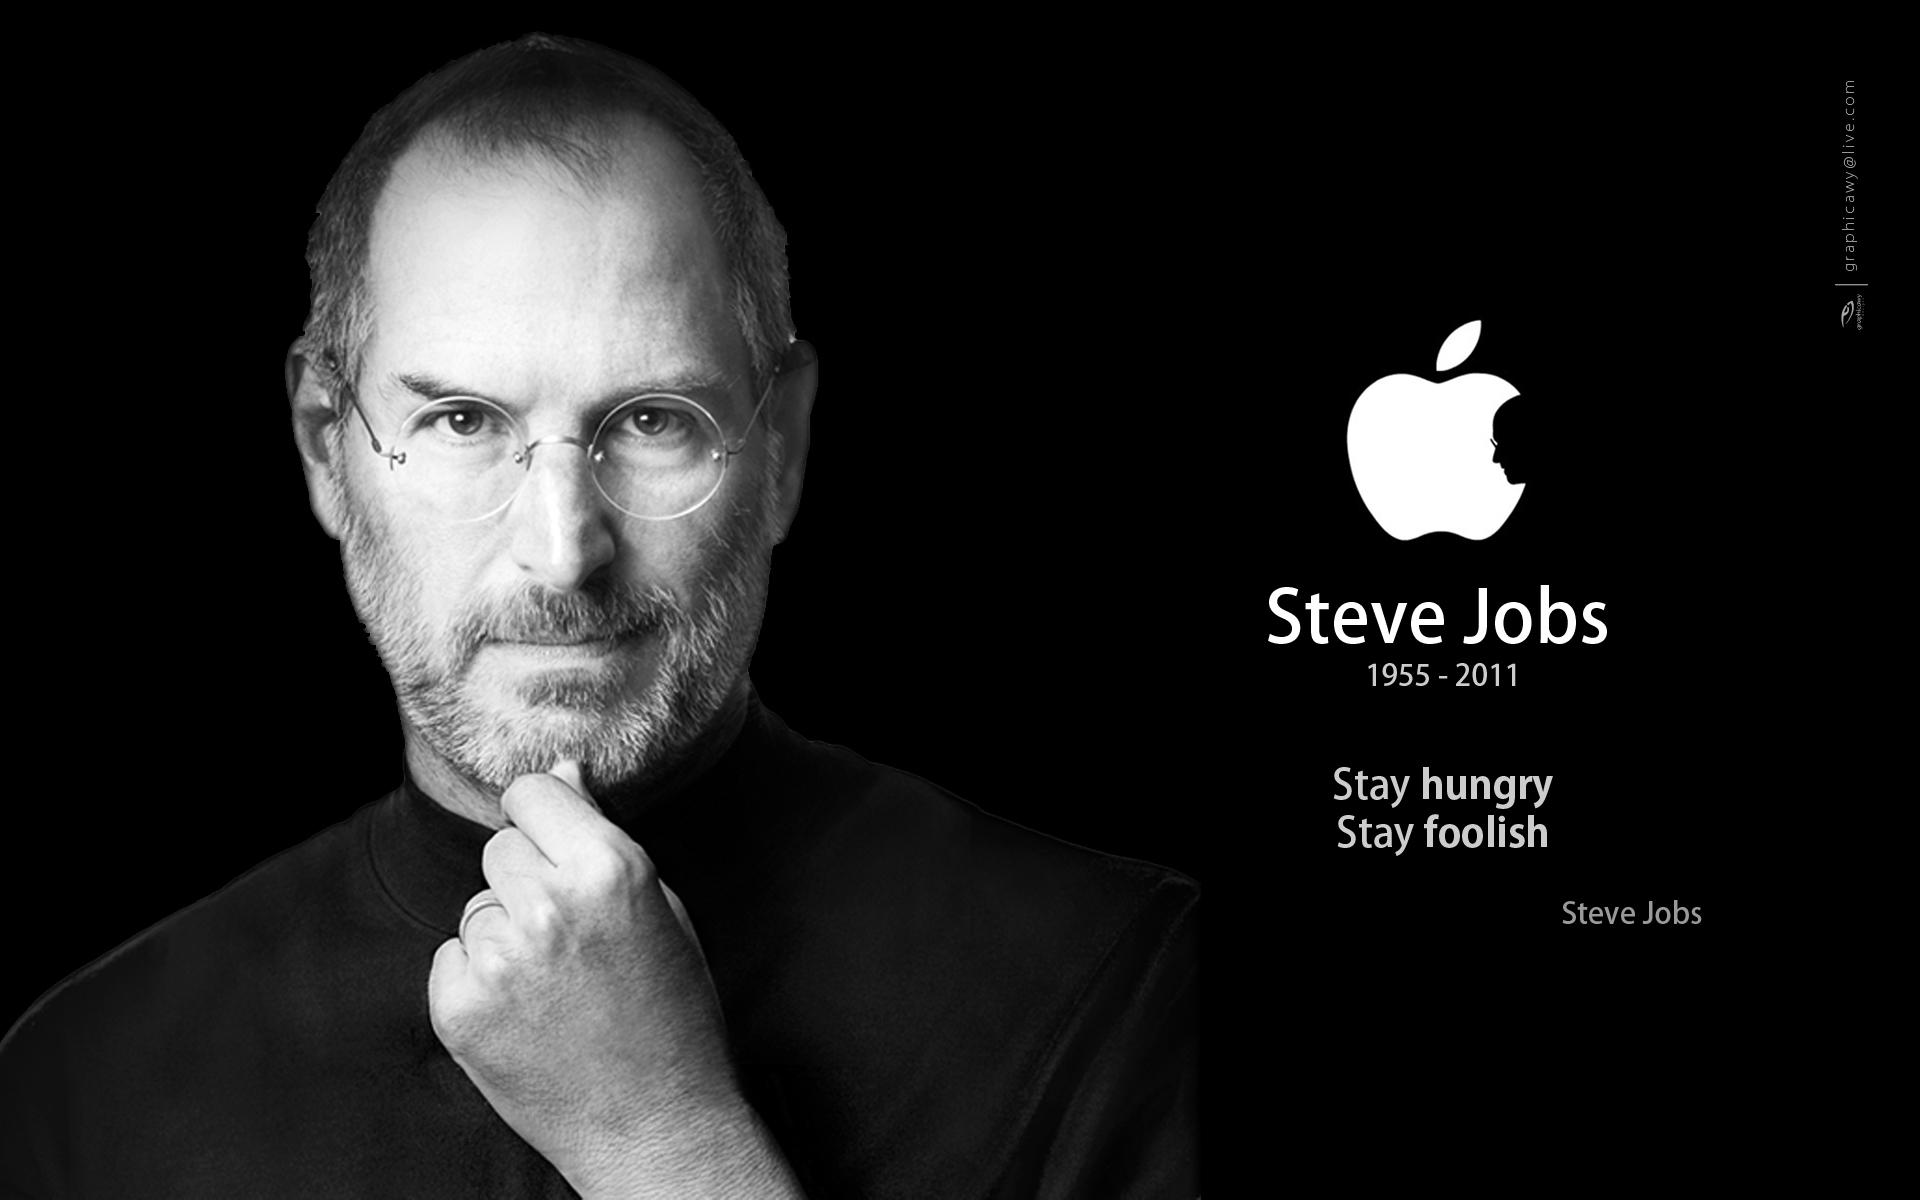 Apple'ın kurucusu Steve Jobs'tan zihin açıcı 3 hikaye